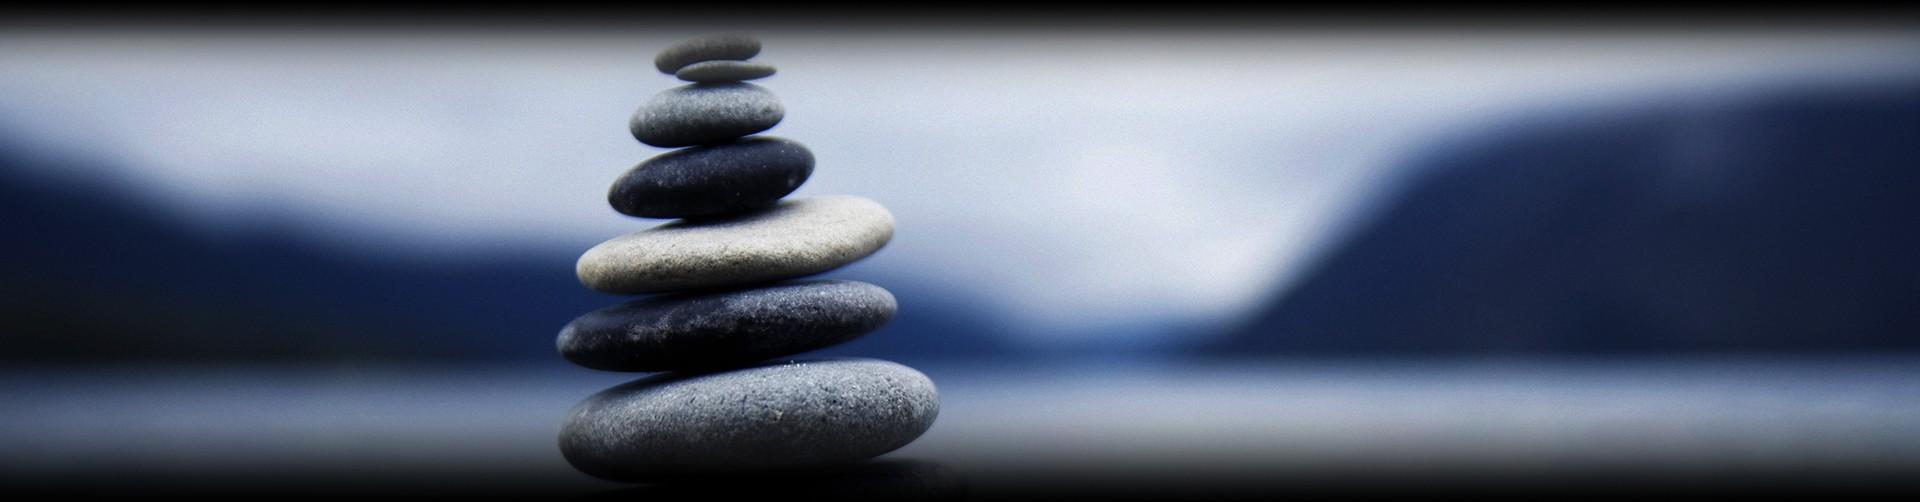 balanced stacking